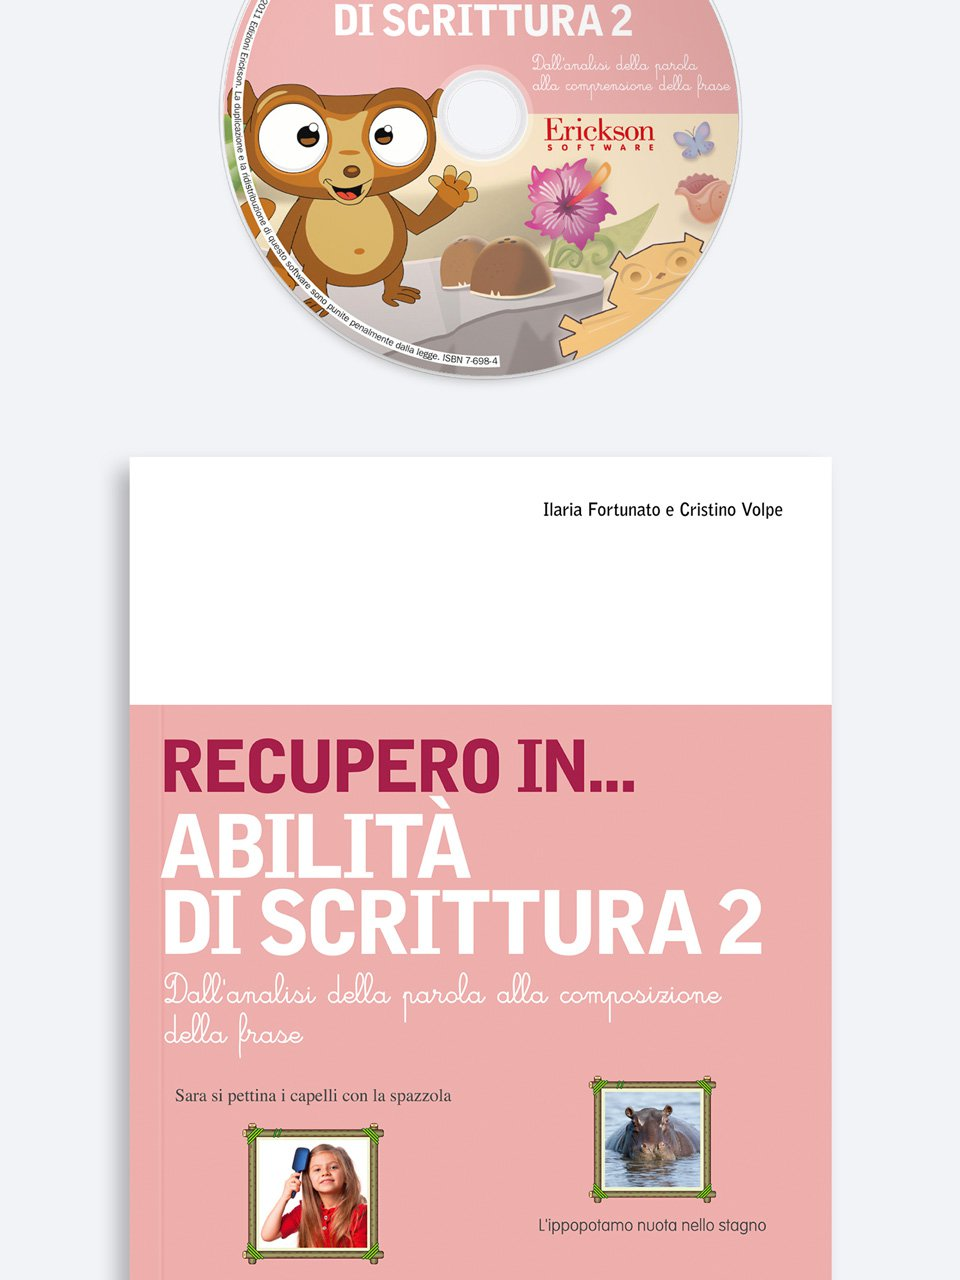 RECUPERO IN... Abilità di scrittura 2 - Quattro stagioni per giocare - Libri - Erickson 3